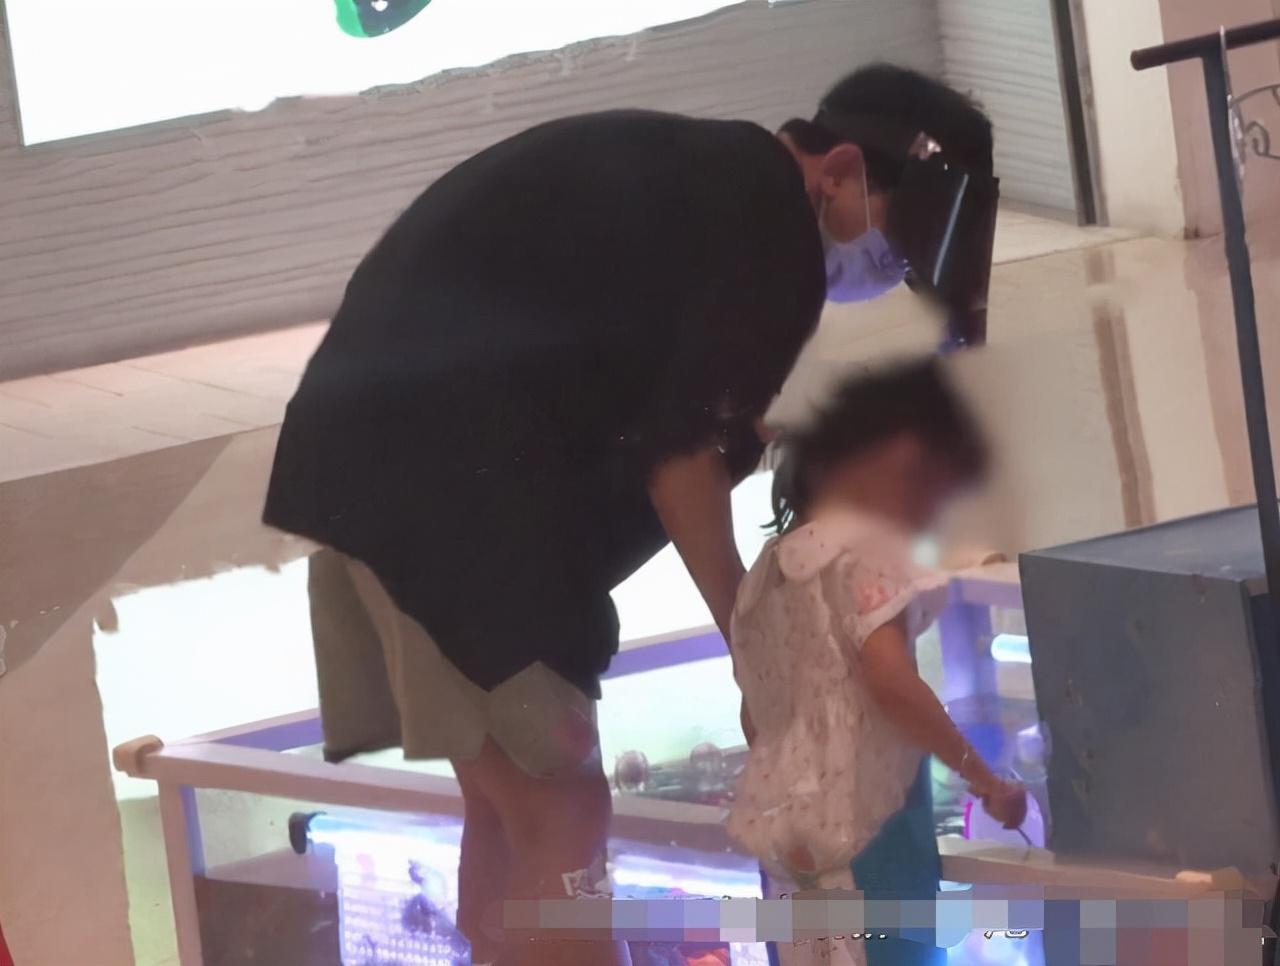 张杰谢娜带双胞胎逛商场,夫妻十指紧扣好甜,女儿可爱打扮像谢娜